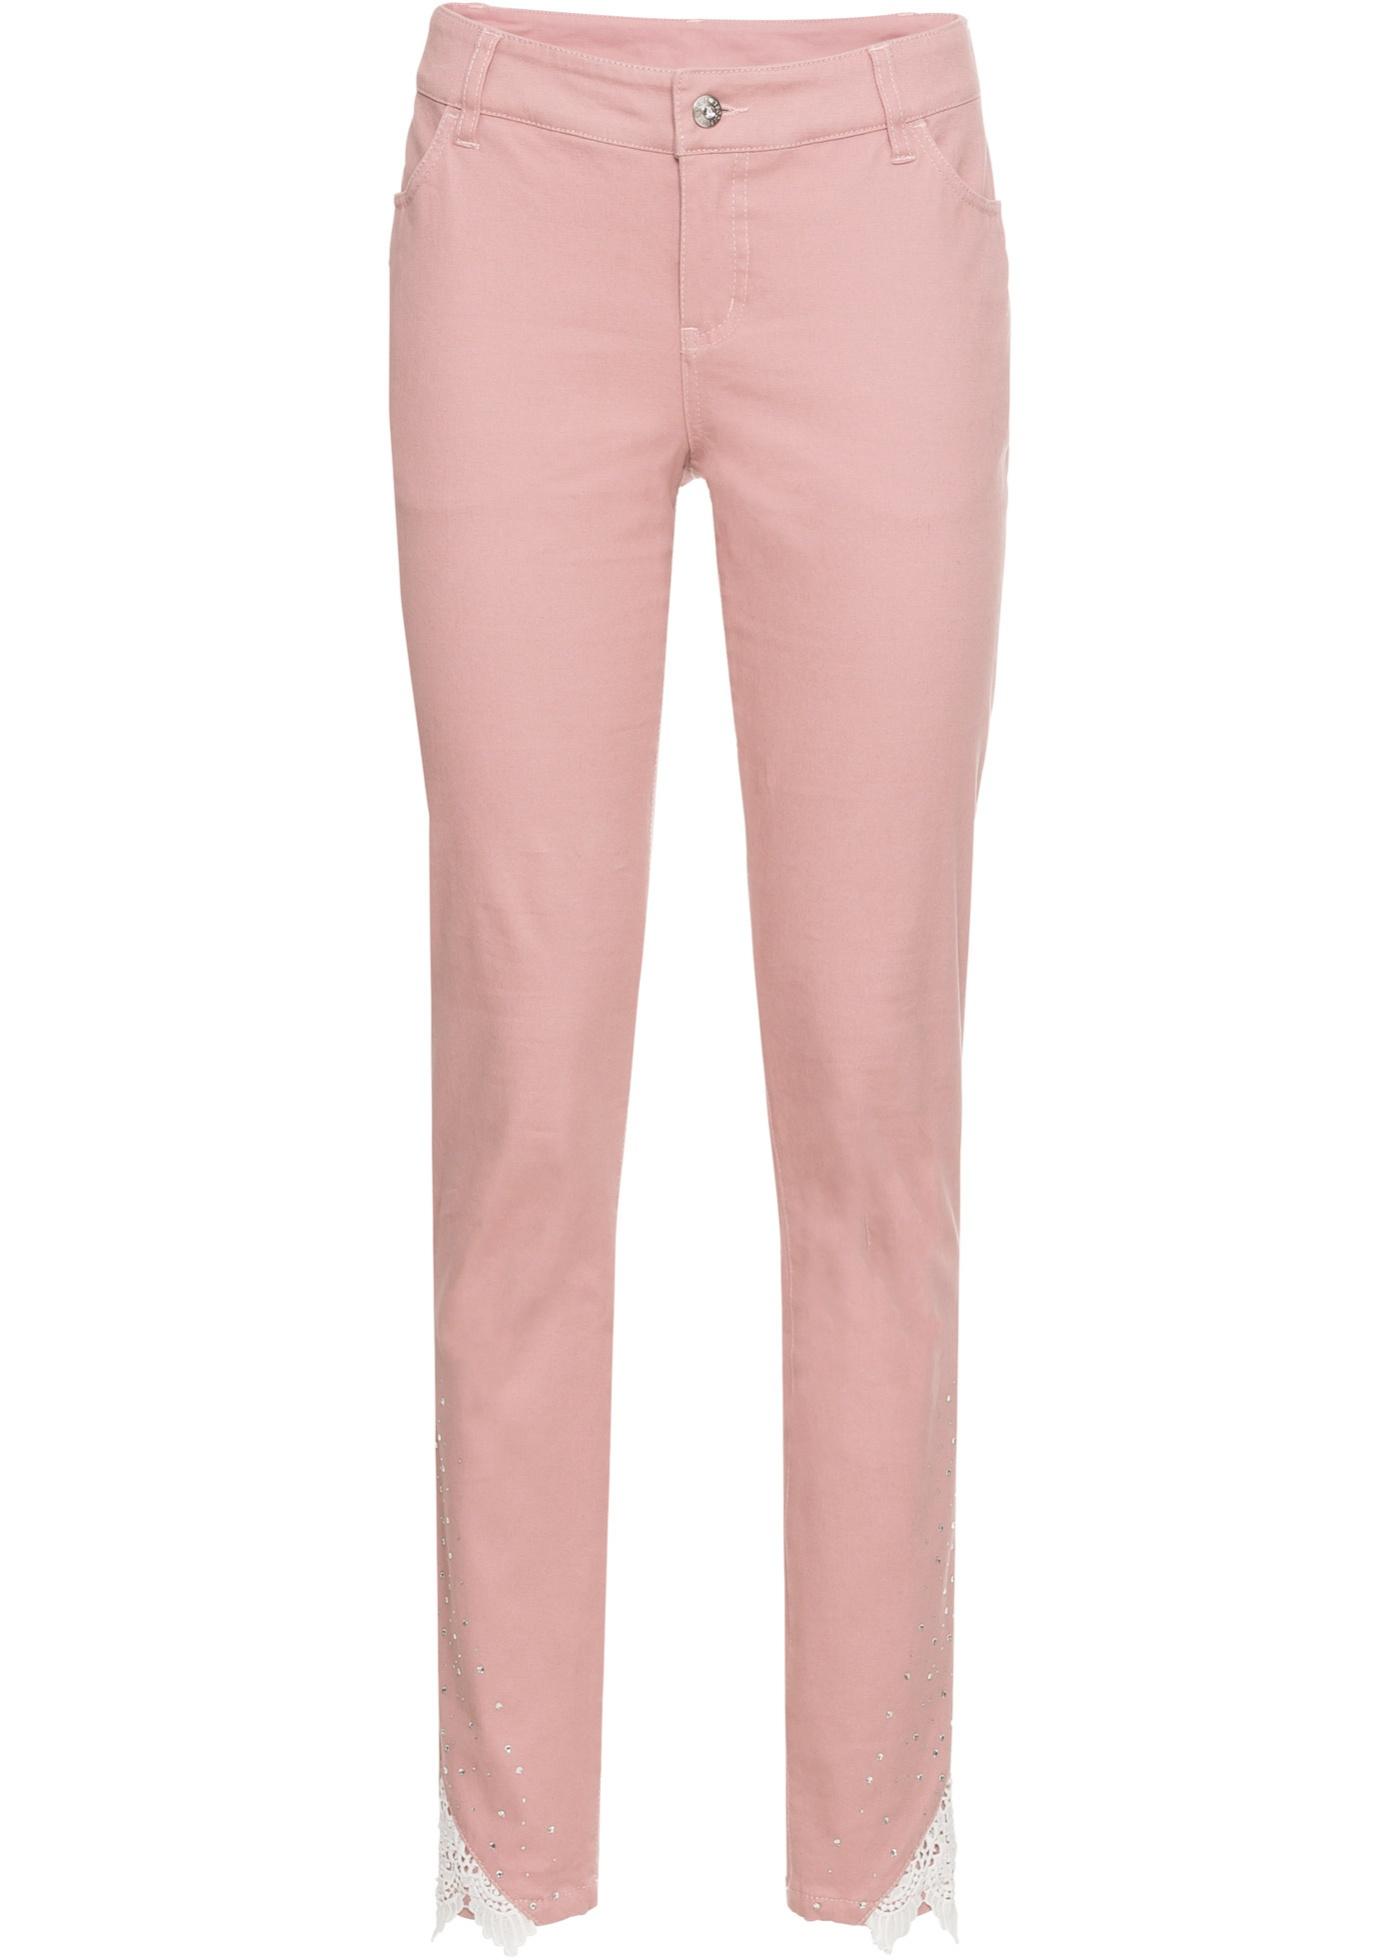 7 8 strečové kalhoty s krajkou - Růžová a9a419449a